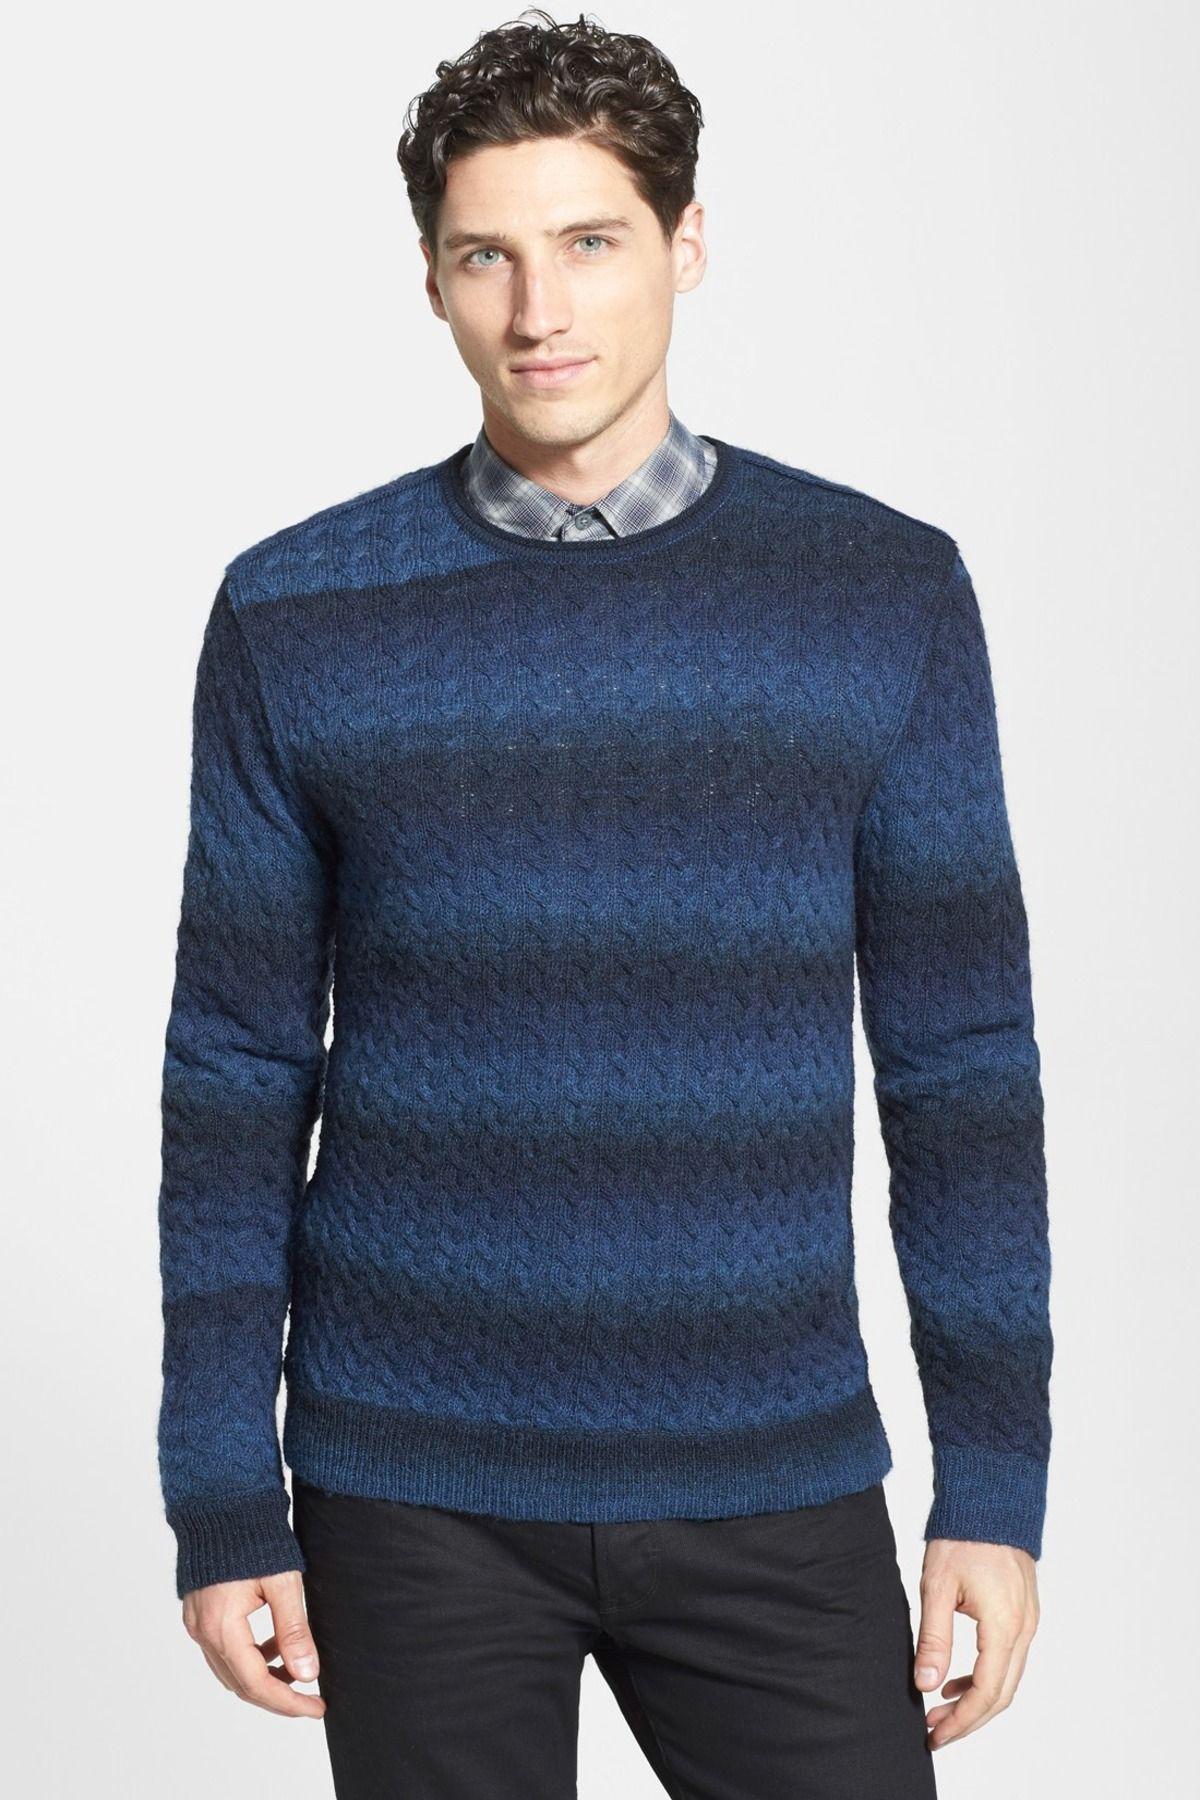 John Varvatos Star USA   Cable Knit Crew Neck Sweater   Crew neck ...